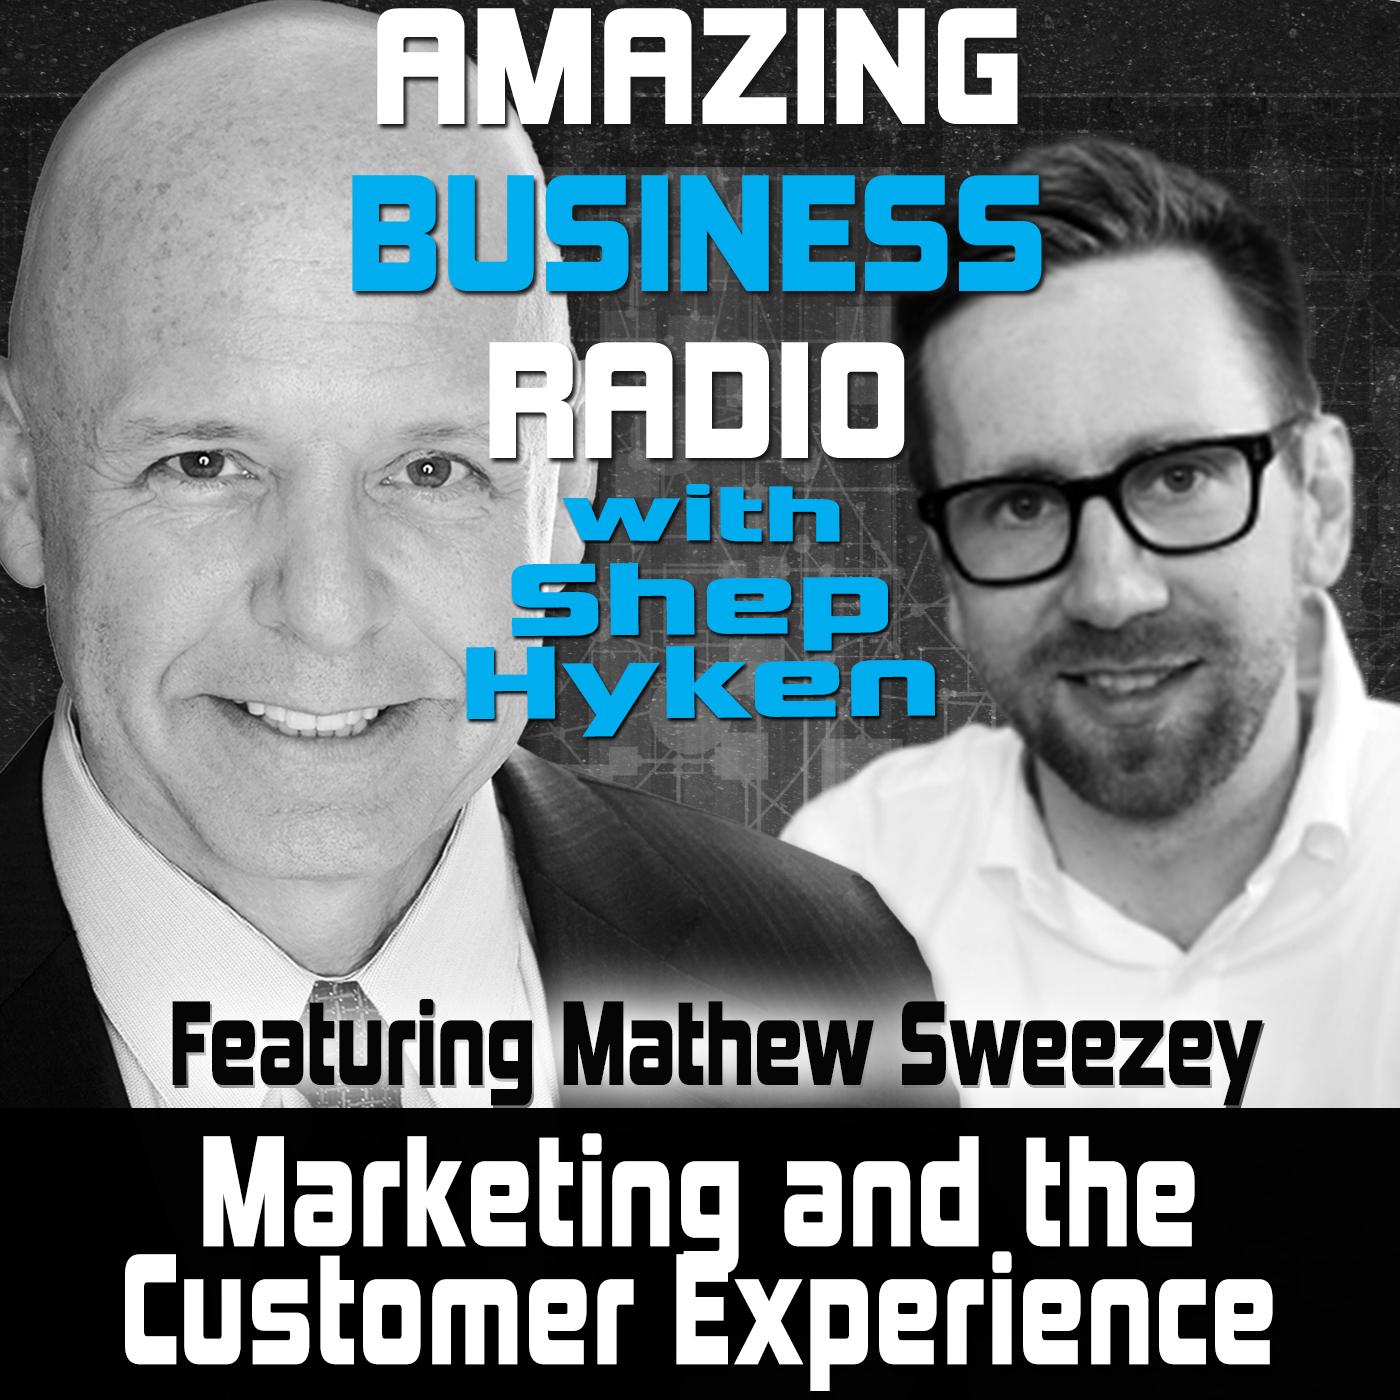 Amazing Business Radio Featuring Mathew Sweezey